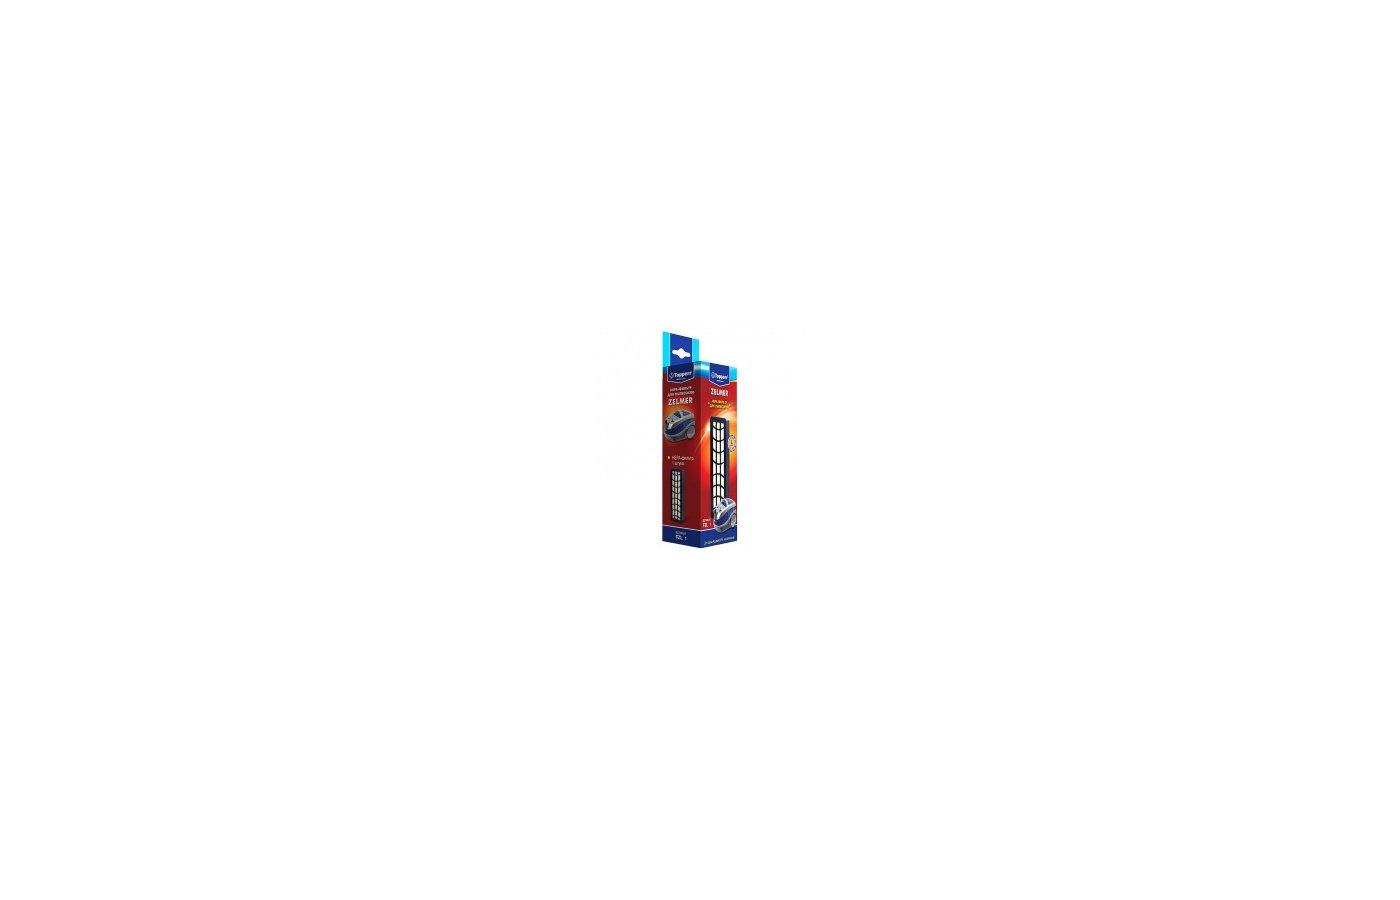 Фильтр для пылесоса TOPPERR 1120 FZL1 комплект фильтров д/пылесосов ZELMER Aquawelt 919